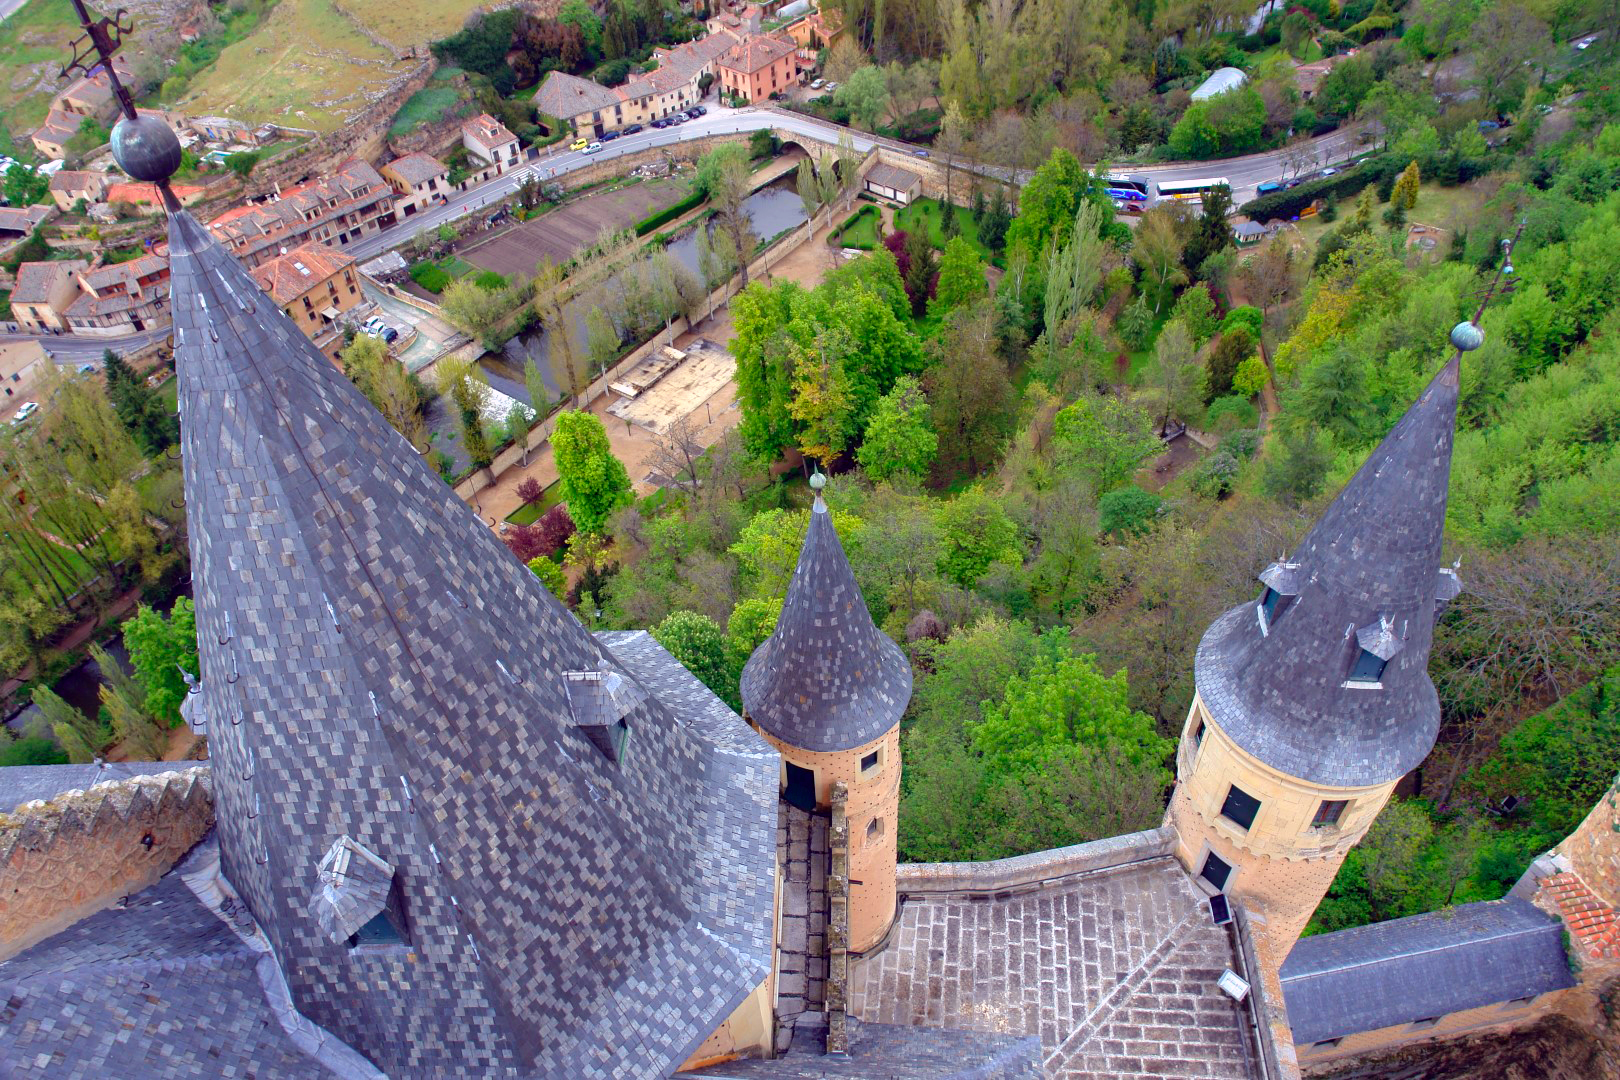 Qué ver Segovia, España qué ver en segovia - 30730784440 f8b3bb6f28 o - Qué ver en Segovia, España